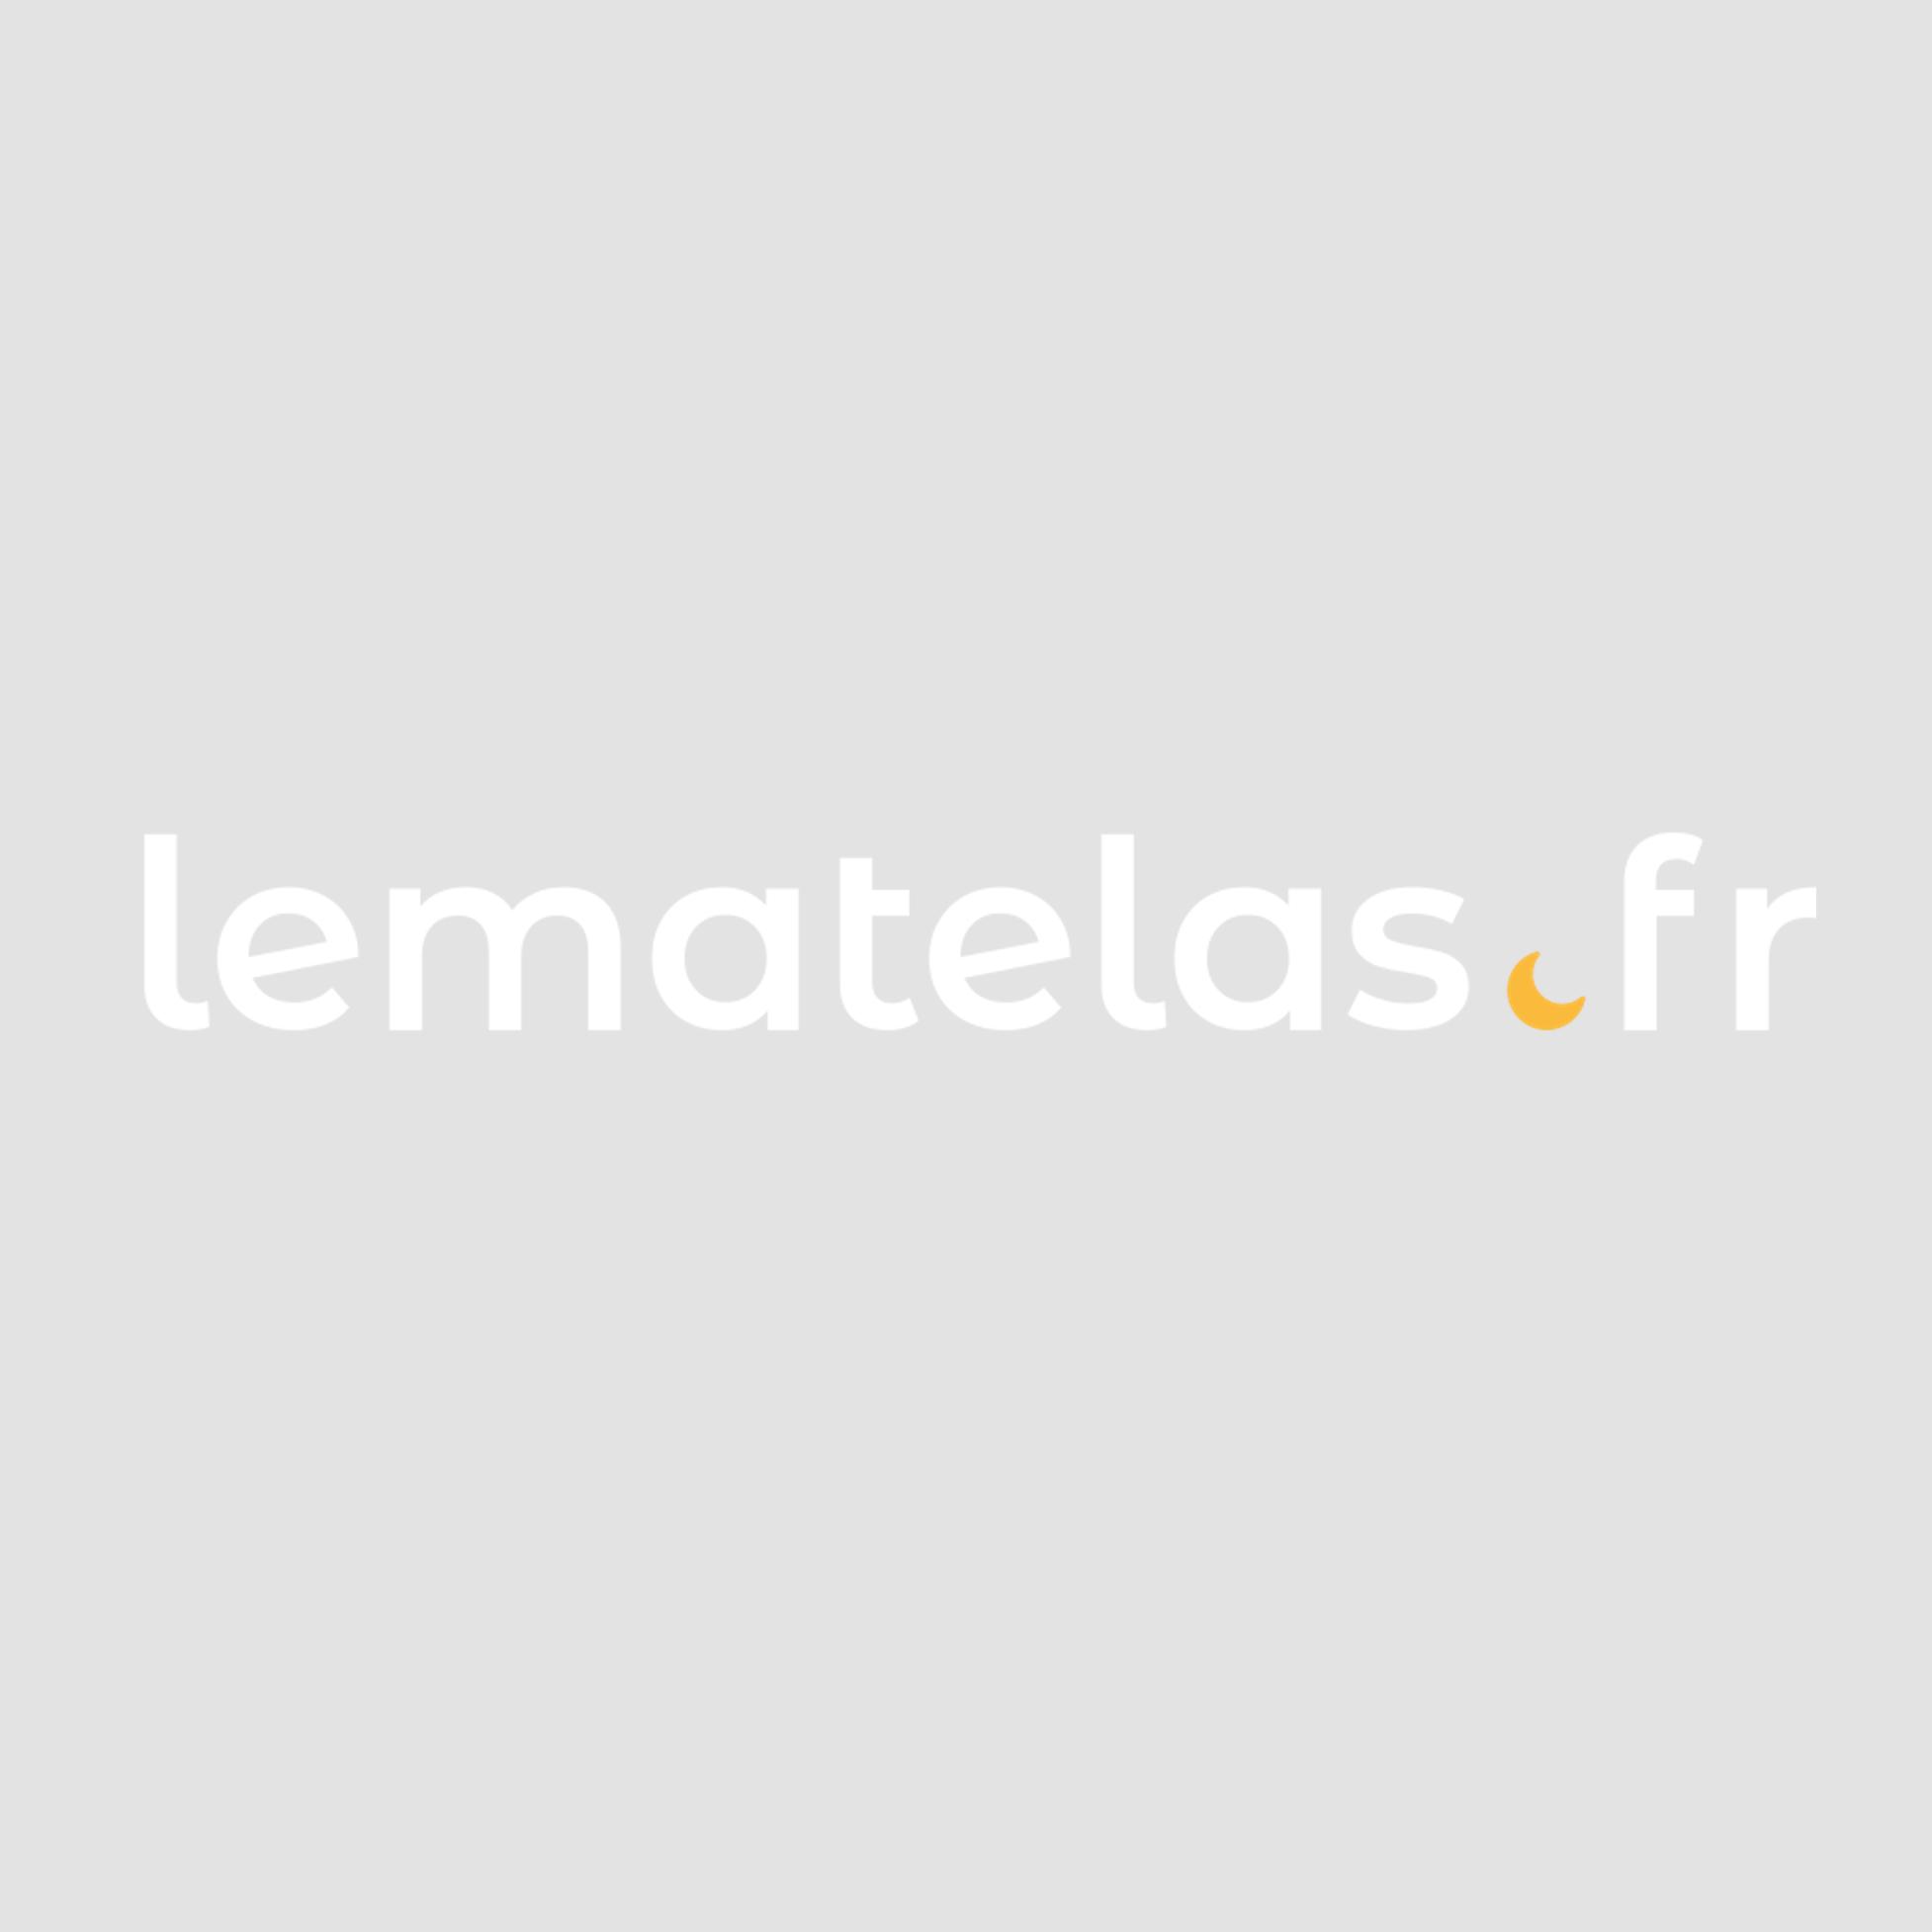 Banquette en pin massif naturel avec un matelas futon bordeaux 75x200. Ajustable en 3 positions. Moderne et confortable. Livré en kit avec notice de montage.